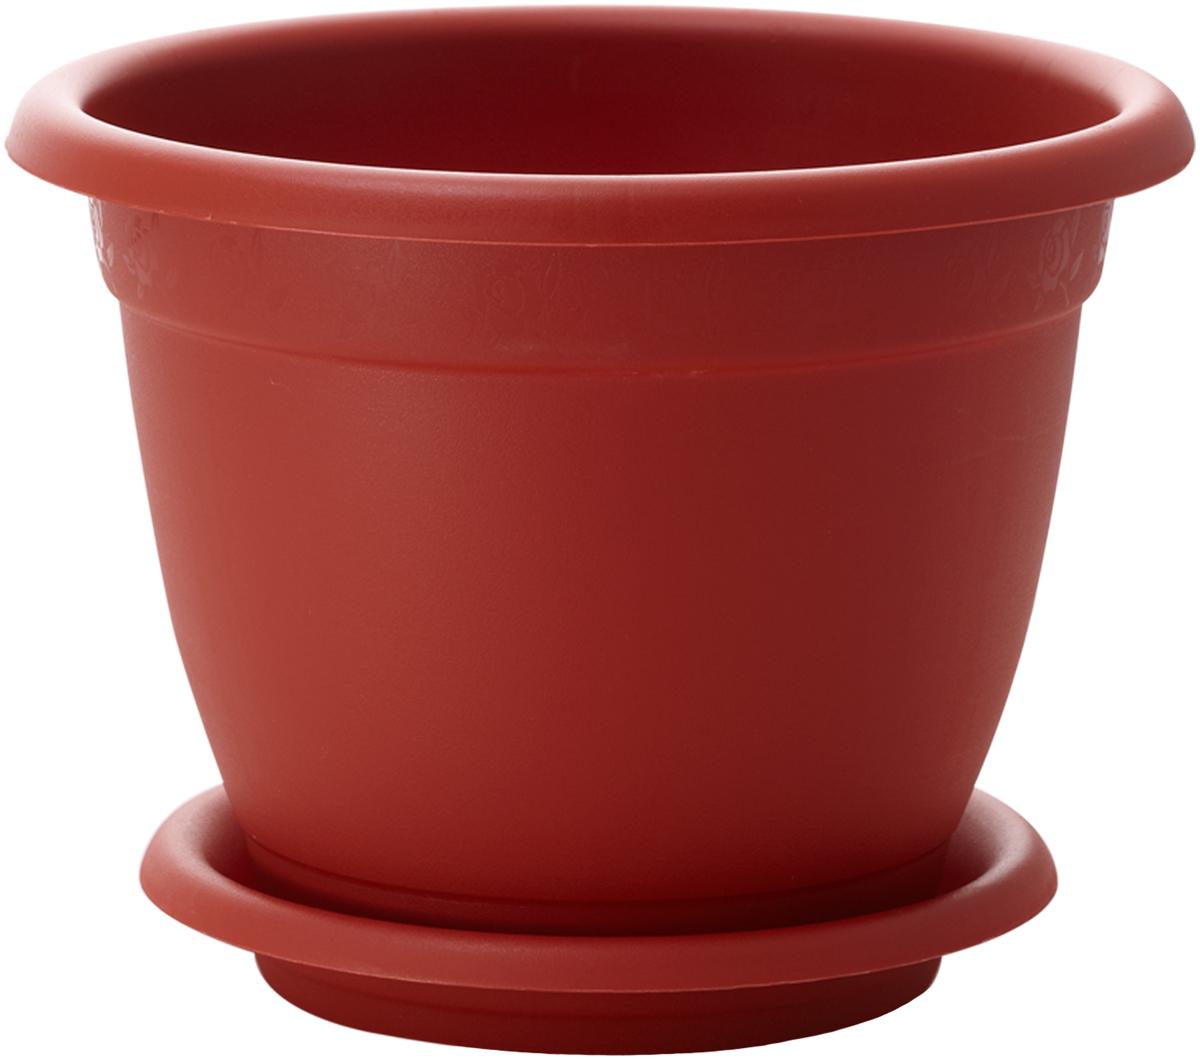 Горшок для цветов InGreen Борнео, с поддоном, цвет: терракотовый, диаметр 29 смING42029FТРЦветочный горшок InGreen Борнео, выполненный из полипропилена, предназначен для выращивания в нем цветов, растений и трав. Такой горшок порадует вас современным дизайном и функциональностью, а также оригинально украсит интерьер помещения. К горшку прилагается круглый поддон.